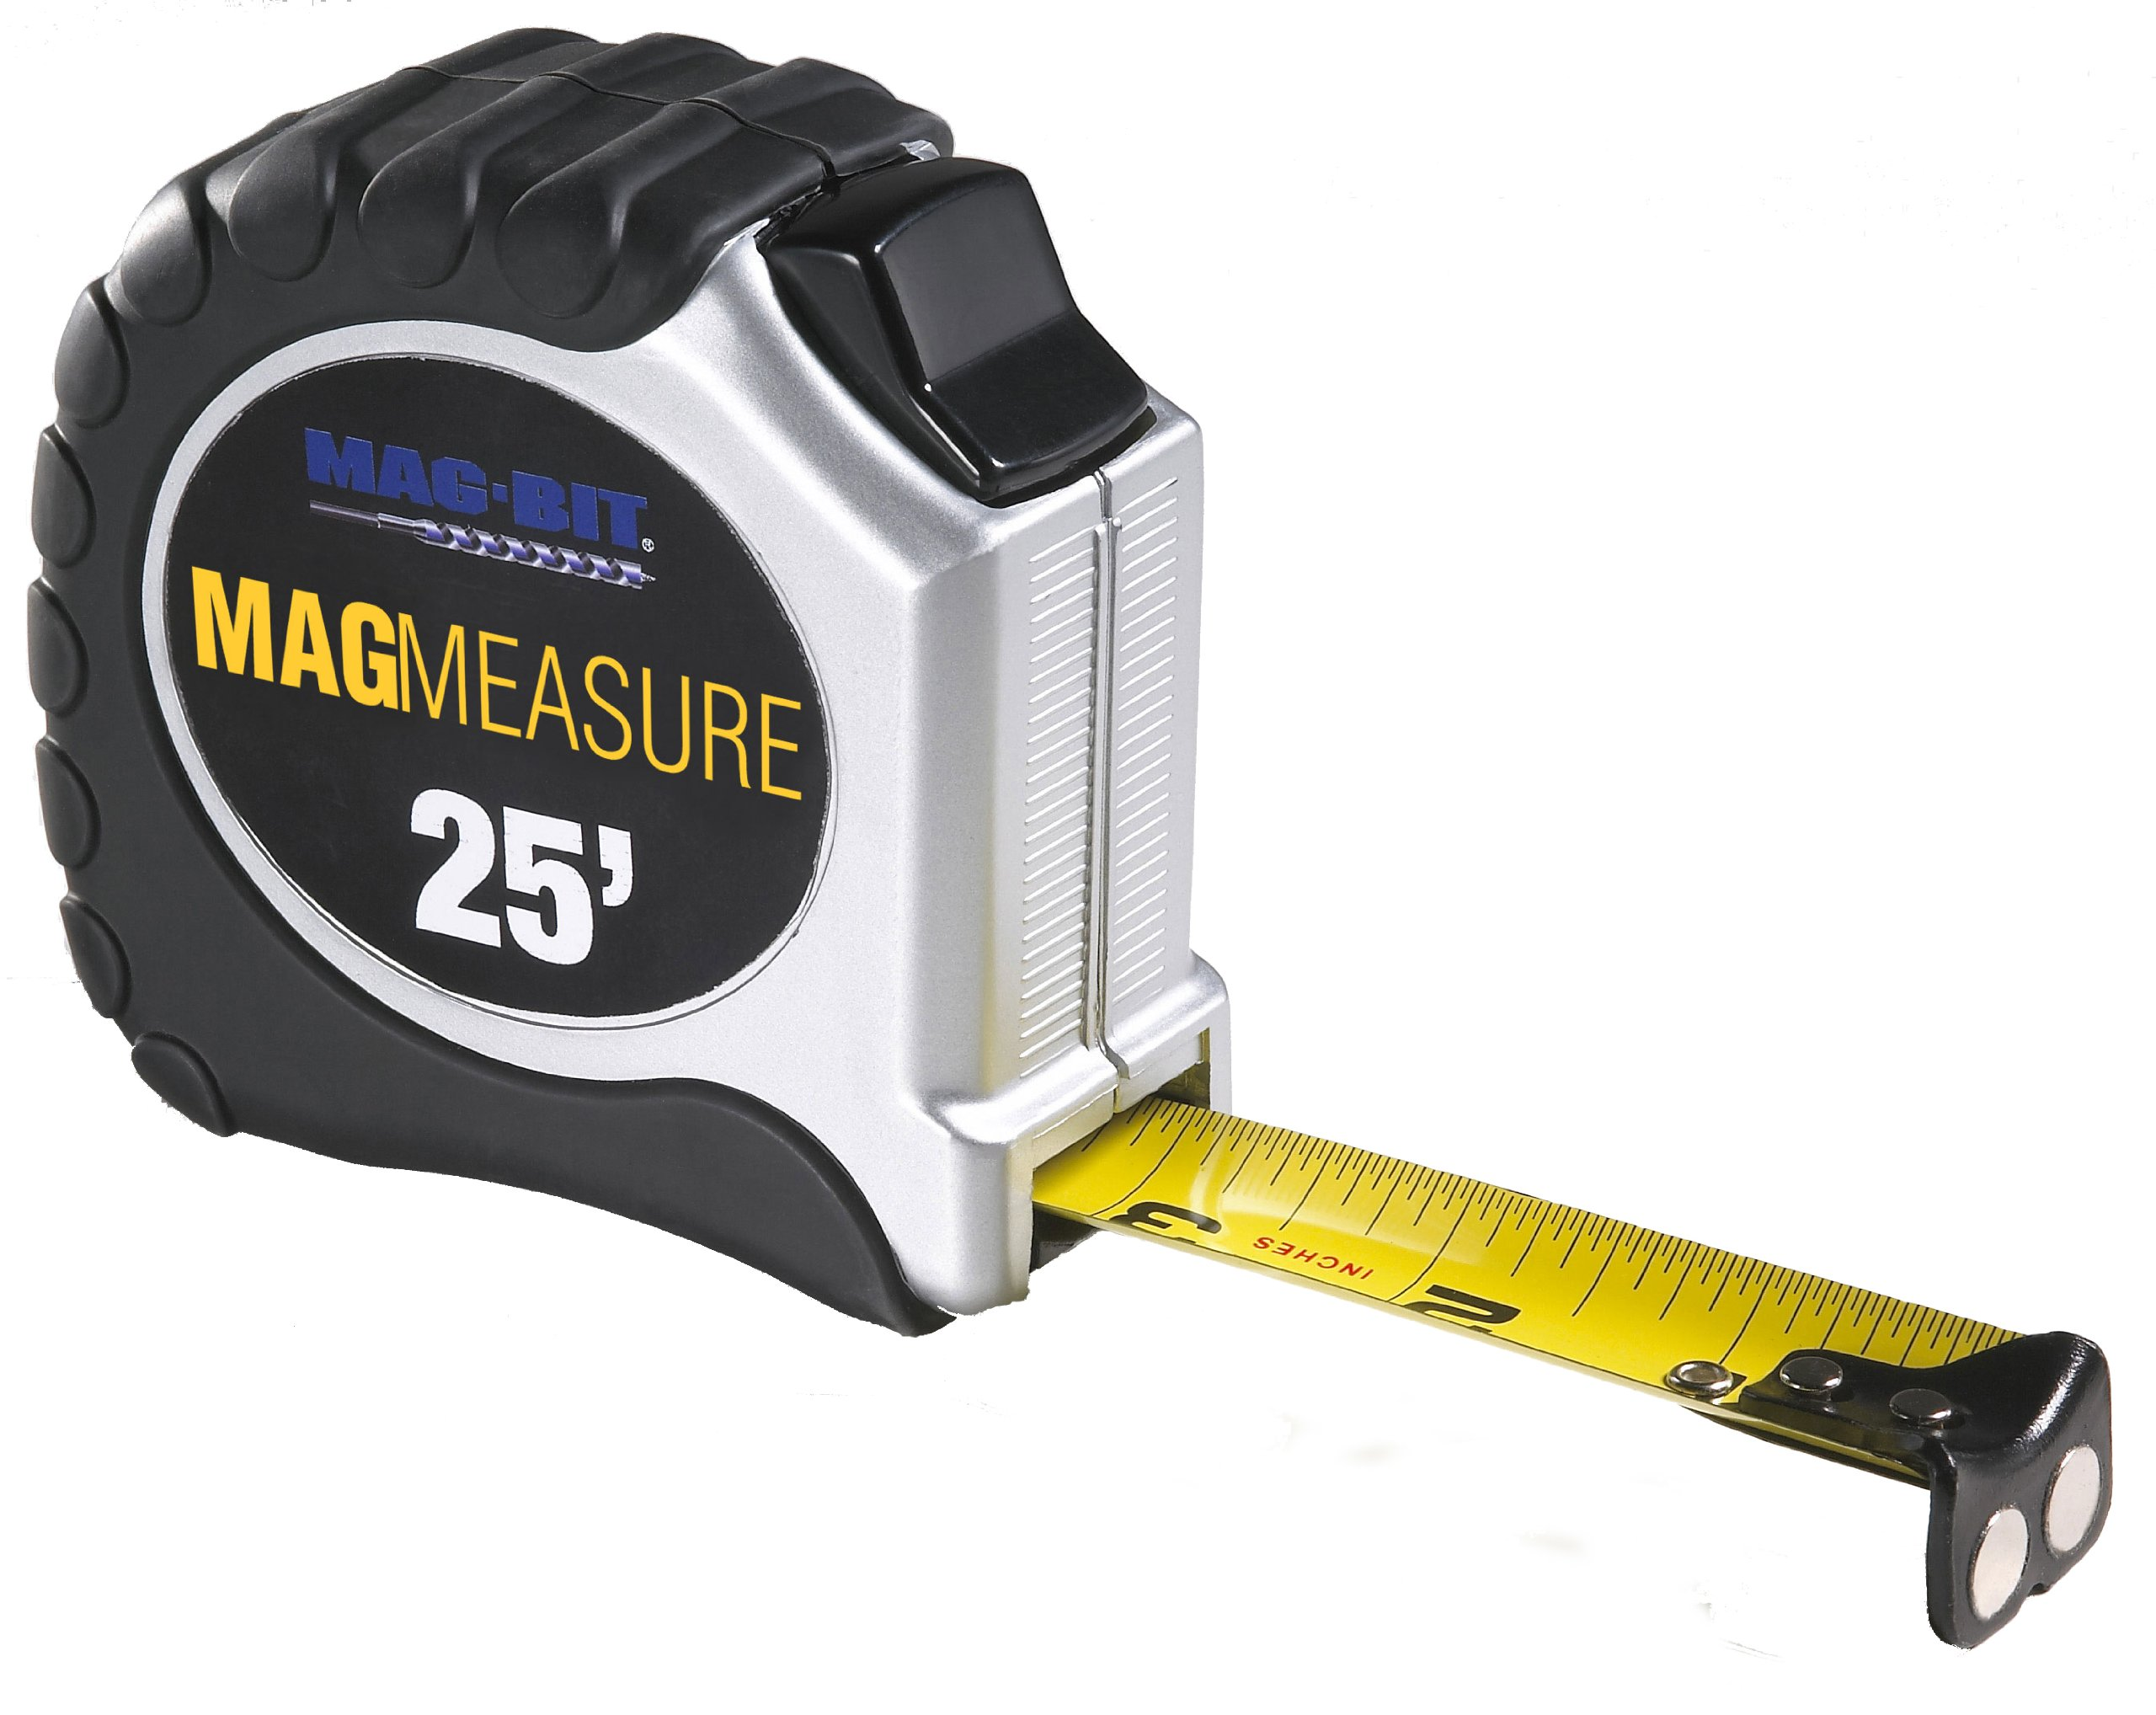 MAGBIT 111.4608N MAG111 Tape Measure, 25-Foot